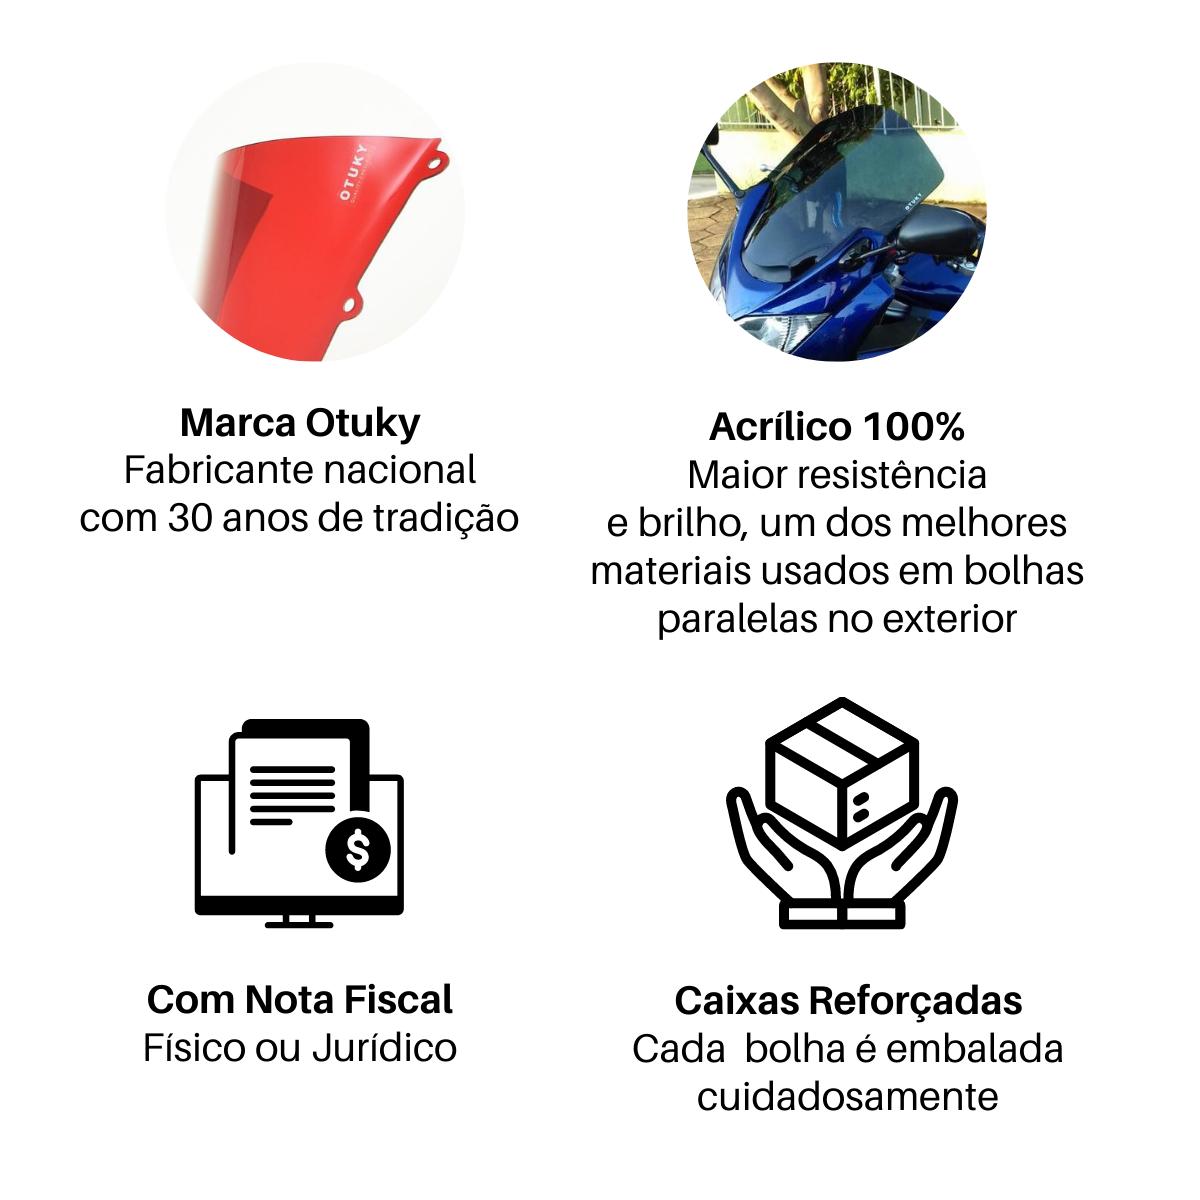 Bolha para Moto Nmax 160 2017 2018 2019 2020 2021 Otuky Padrão Fumê Cinza